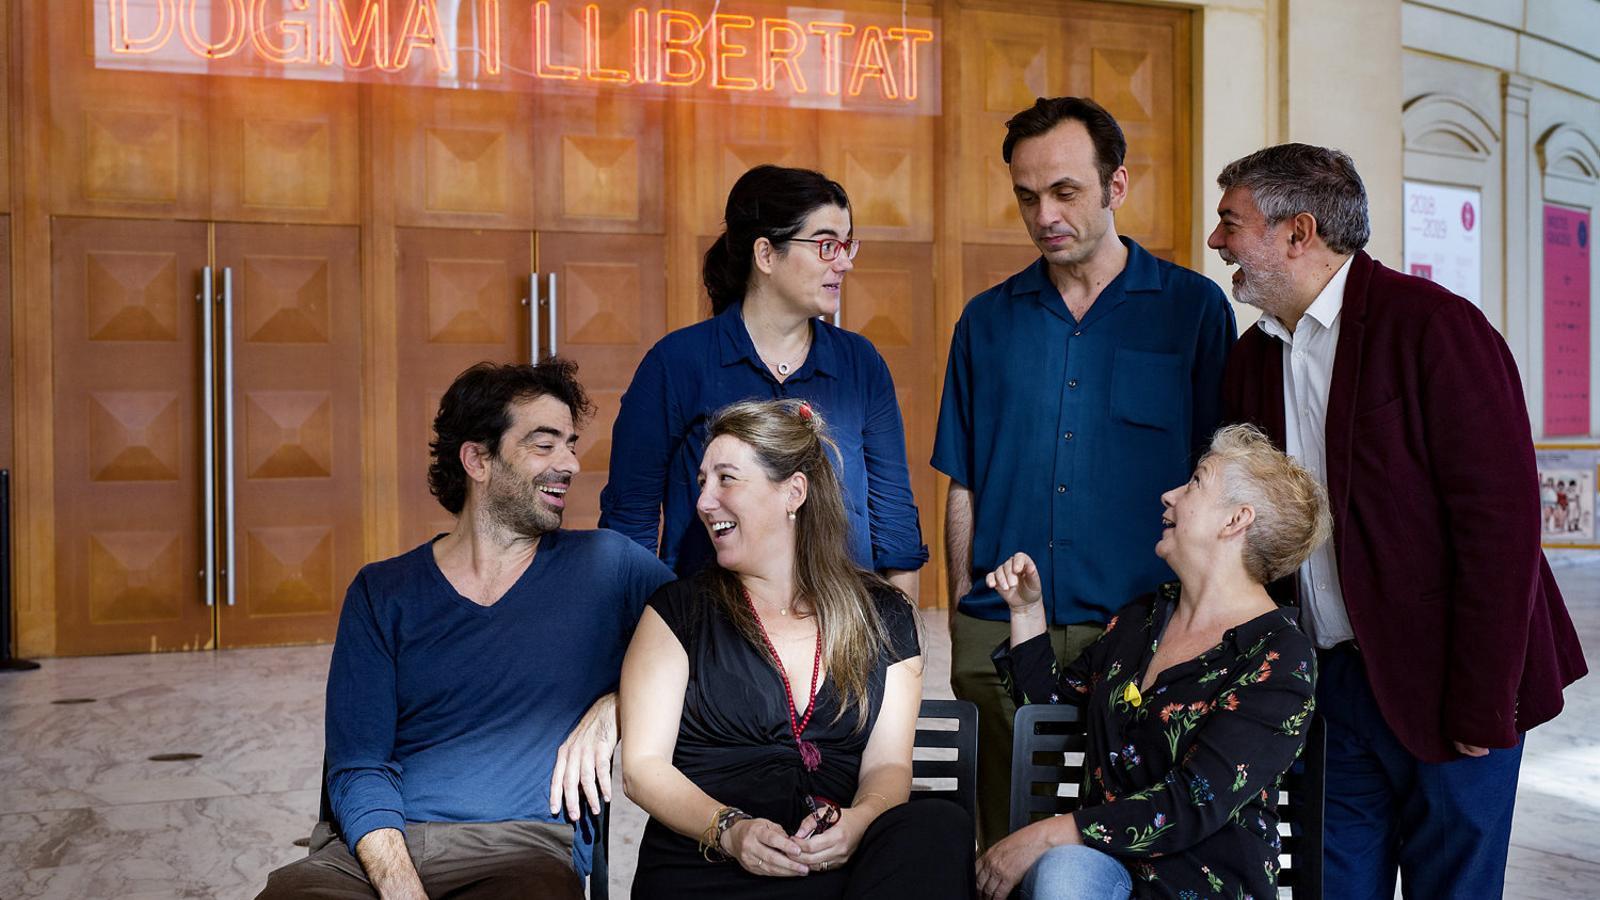 Marta Buchaca, Iván Morales, Xavier Albertí, David Selvas, Mercè Puy i Magda Puyo al vestíbul del Teatre Nacional.